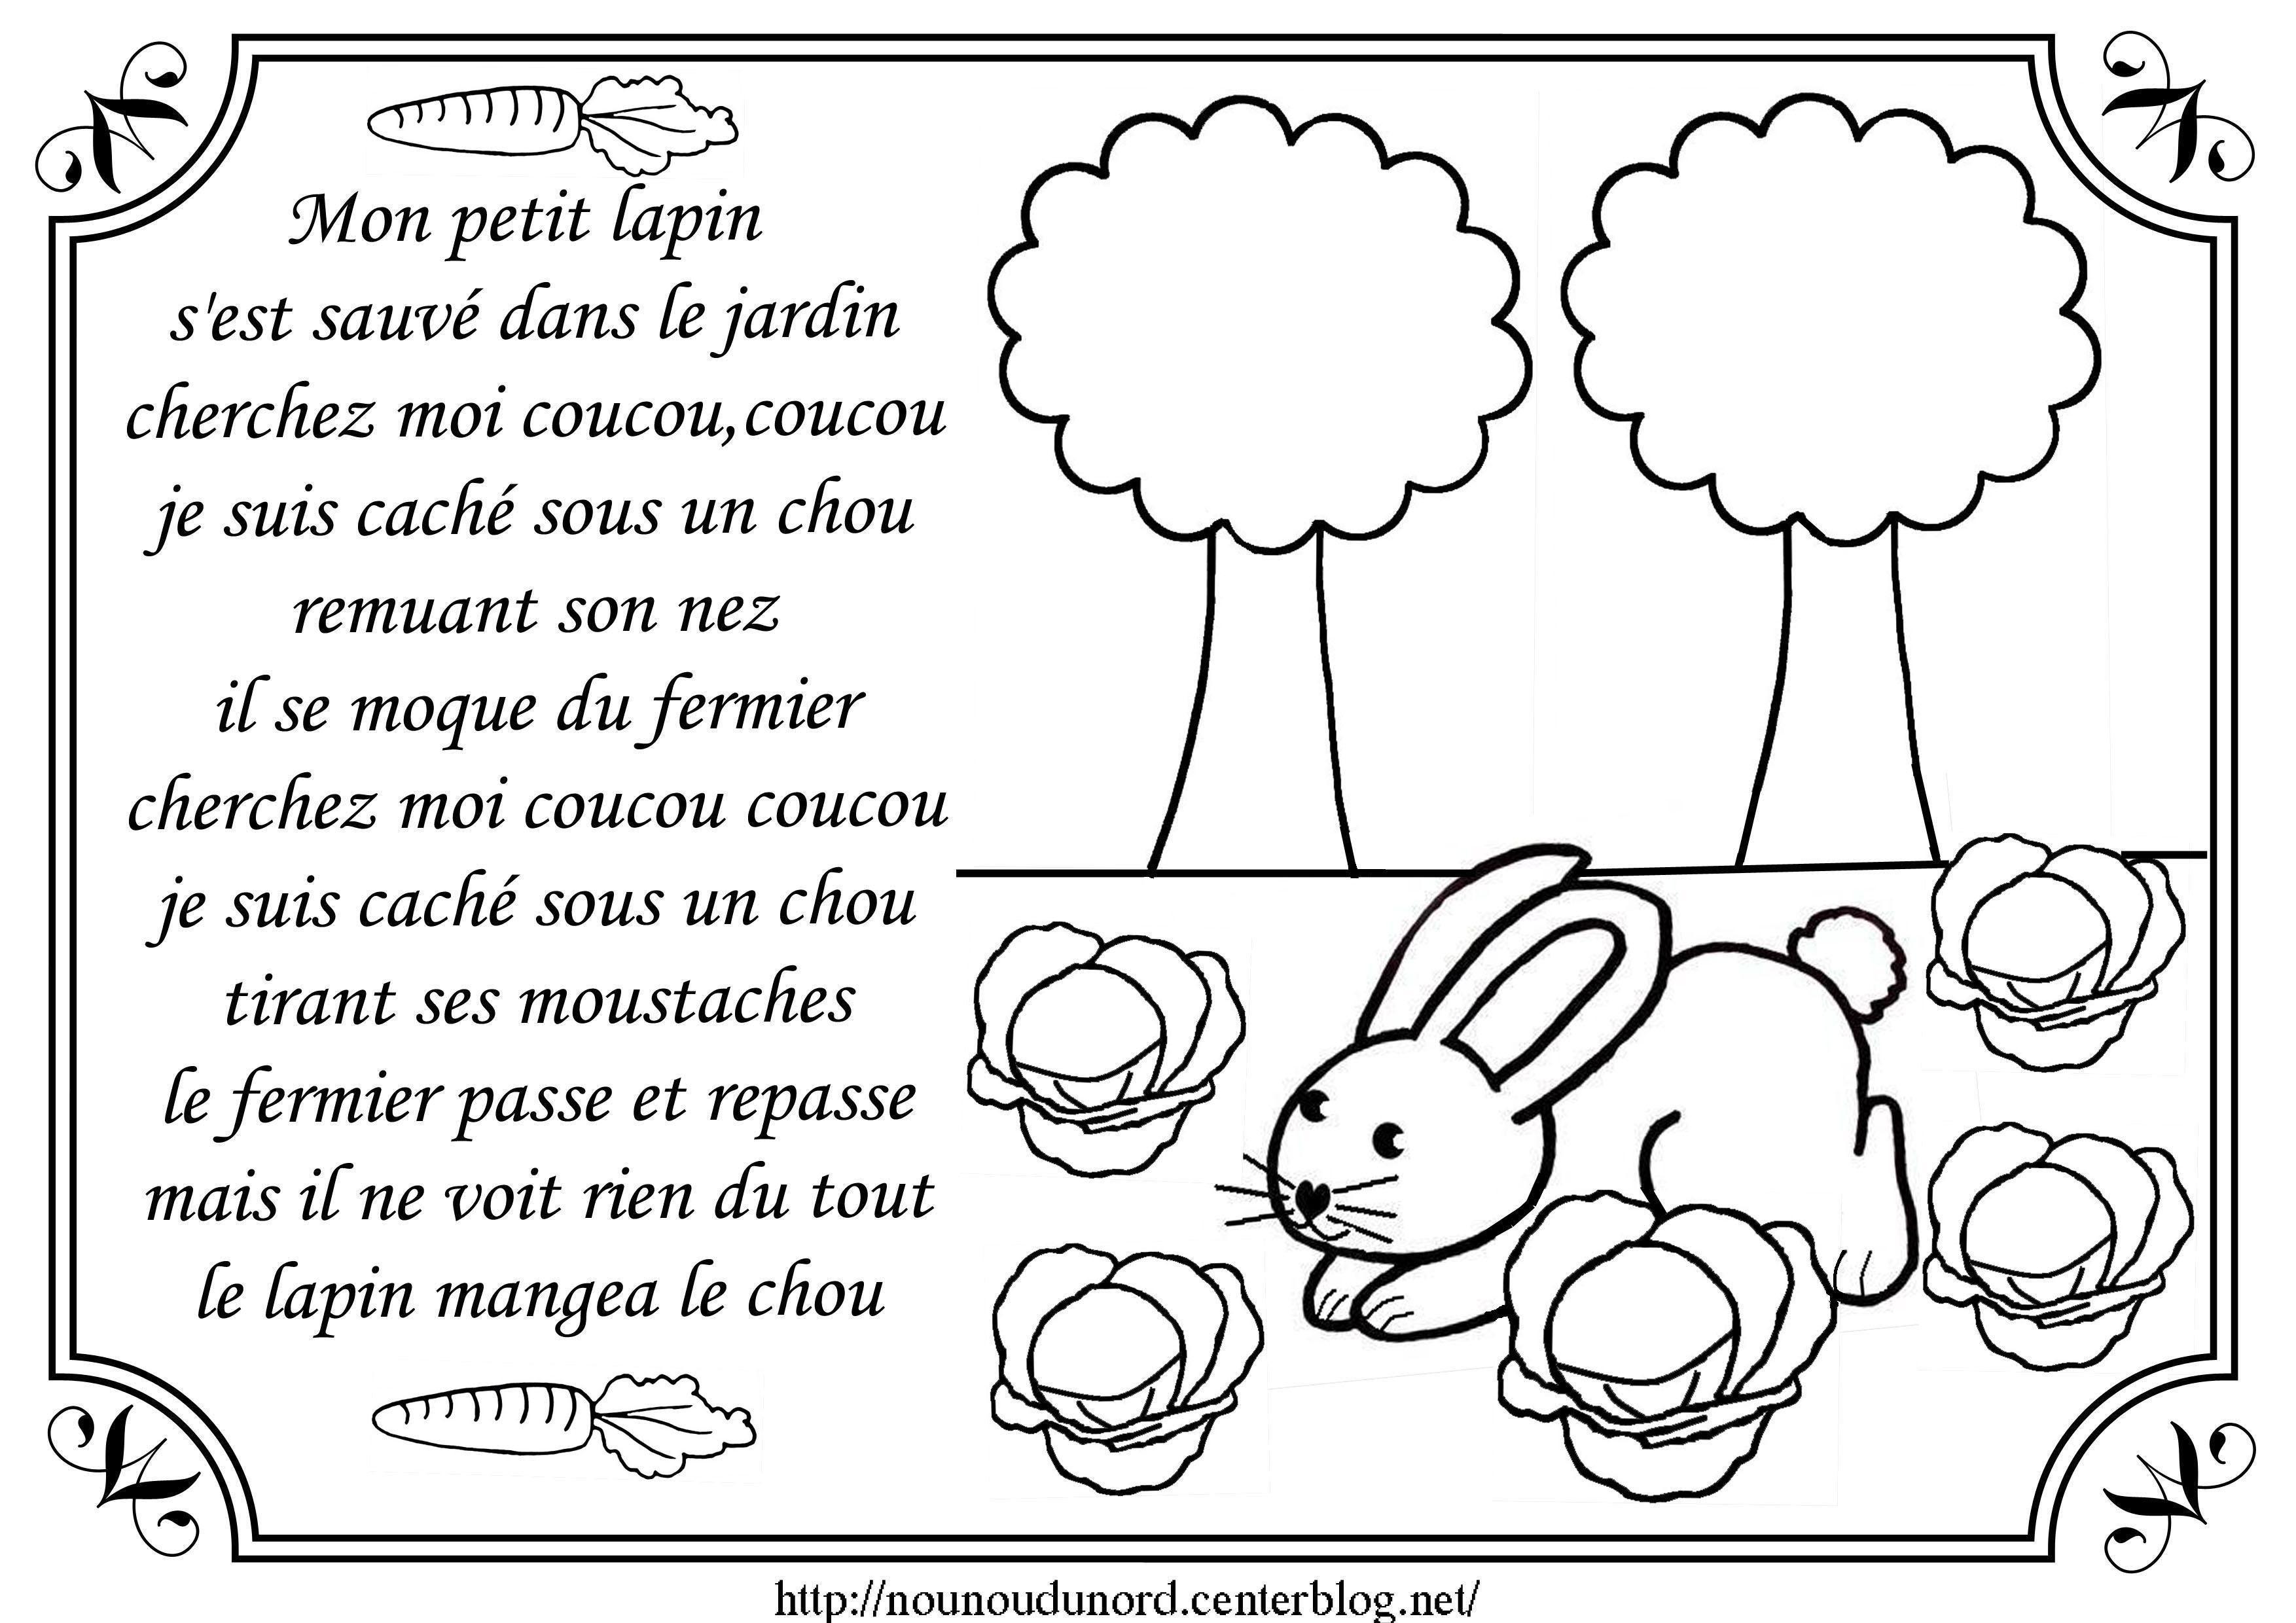 Comptine Mon Petit Lapin Illustrée Par Nounoudunord intérieur Chanson Enfant Lapin